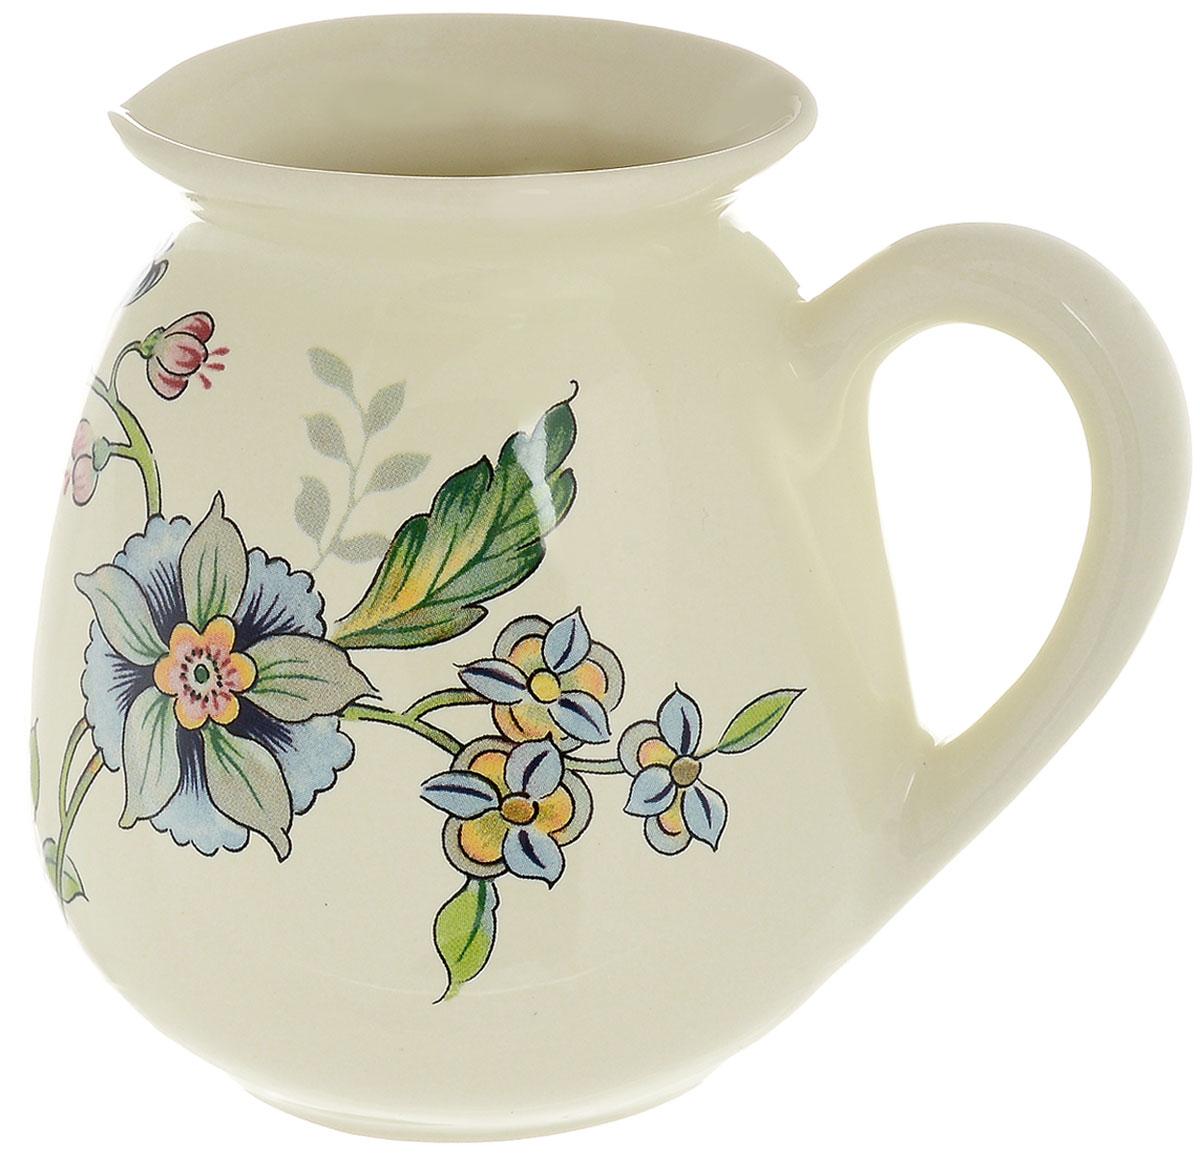 Молочник Nuova Cer Прованс, 350 млPRV-7361Молочник Nuova Cer Провансвыполнен из высококачественной керамики. Изделие станетнезаменимым аксессуаром для тех, кто любит пить кофе или чай с добавлением молока. Дизайн молочника придется по вкусу и ценителям классики, и тем, кто предпочитаетутонченность и изысканность. Также молочник послужит приятным и практичнымподарком.Изделие нельзя мыть в посудомоечной машине.Диаметр молочника по верхнемукраю: 7 см. Высота молочника: 11 см.